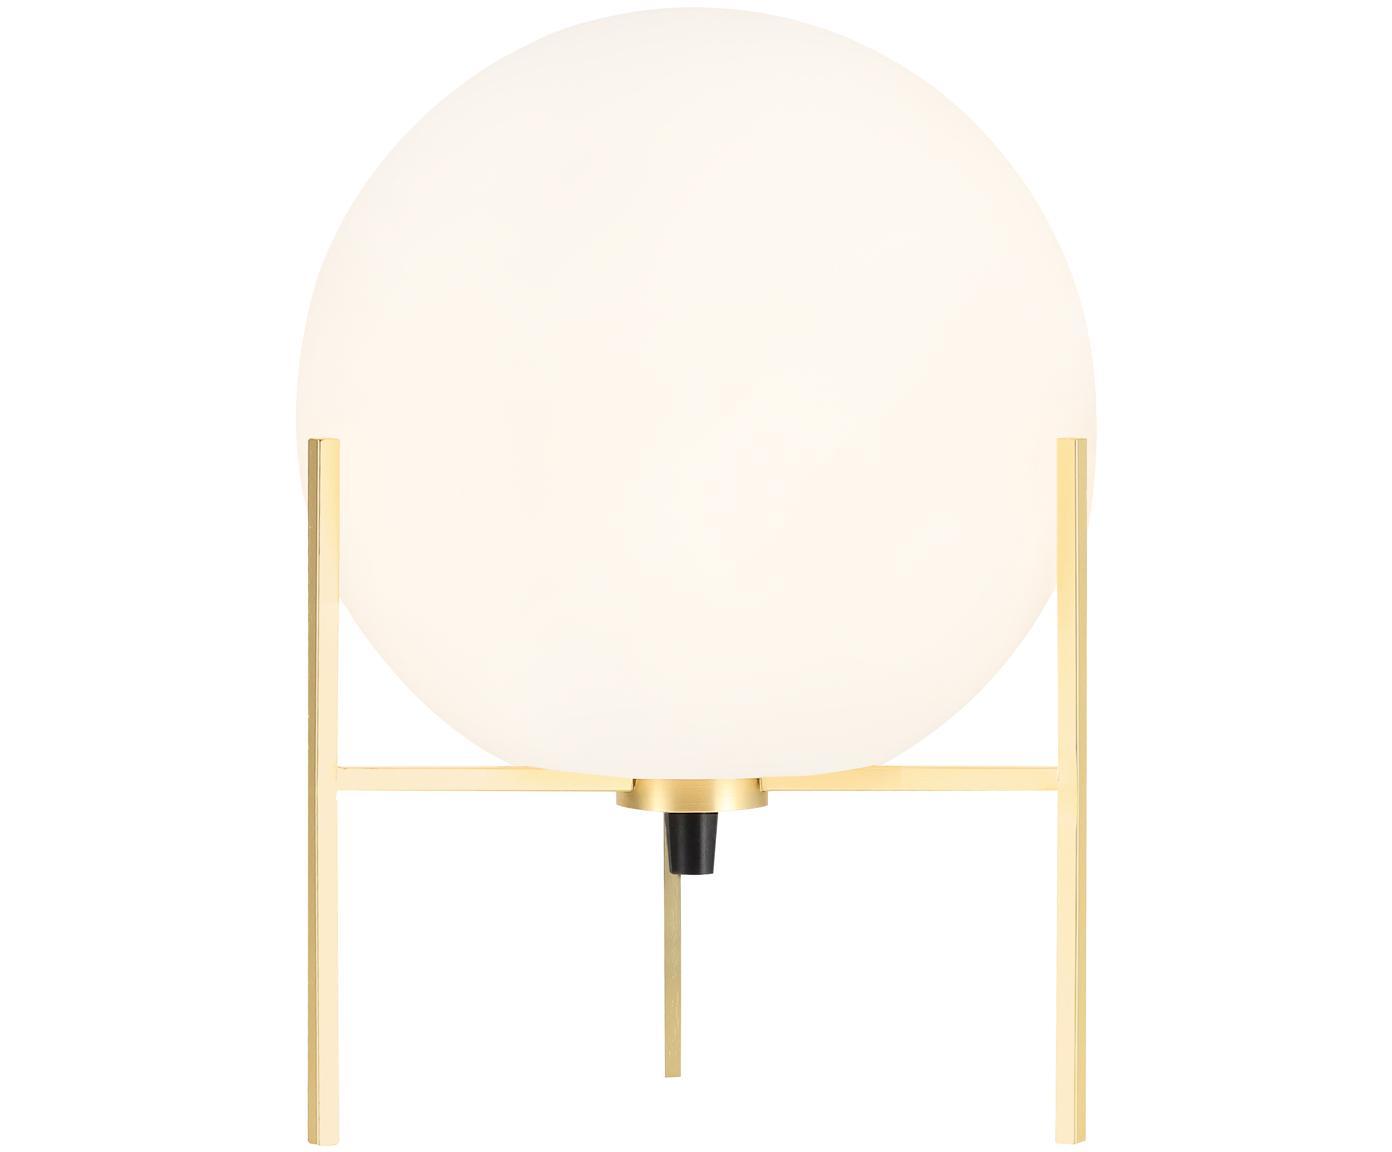 Tischleuchte Alton aus Opalglas, Lampenfuß: Messing, Messing, Weiß, Ø 20 x H 29 cm